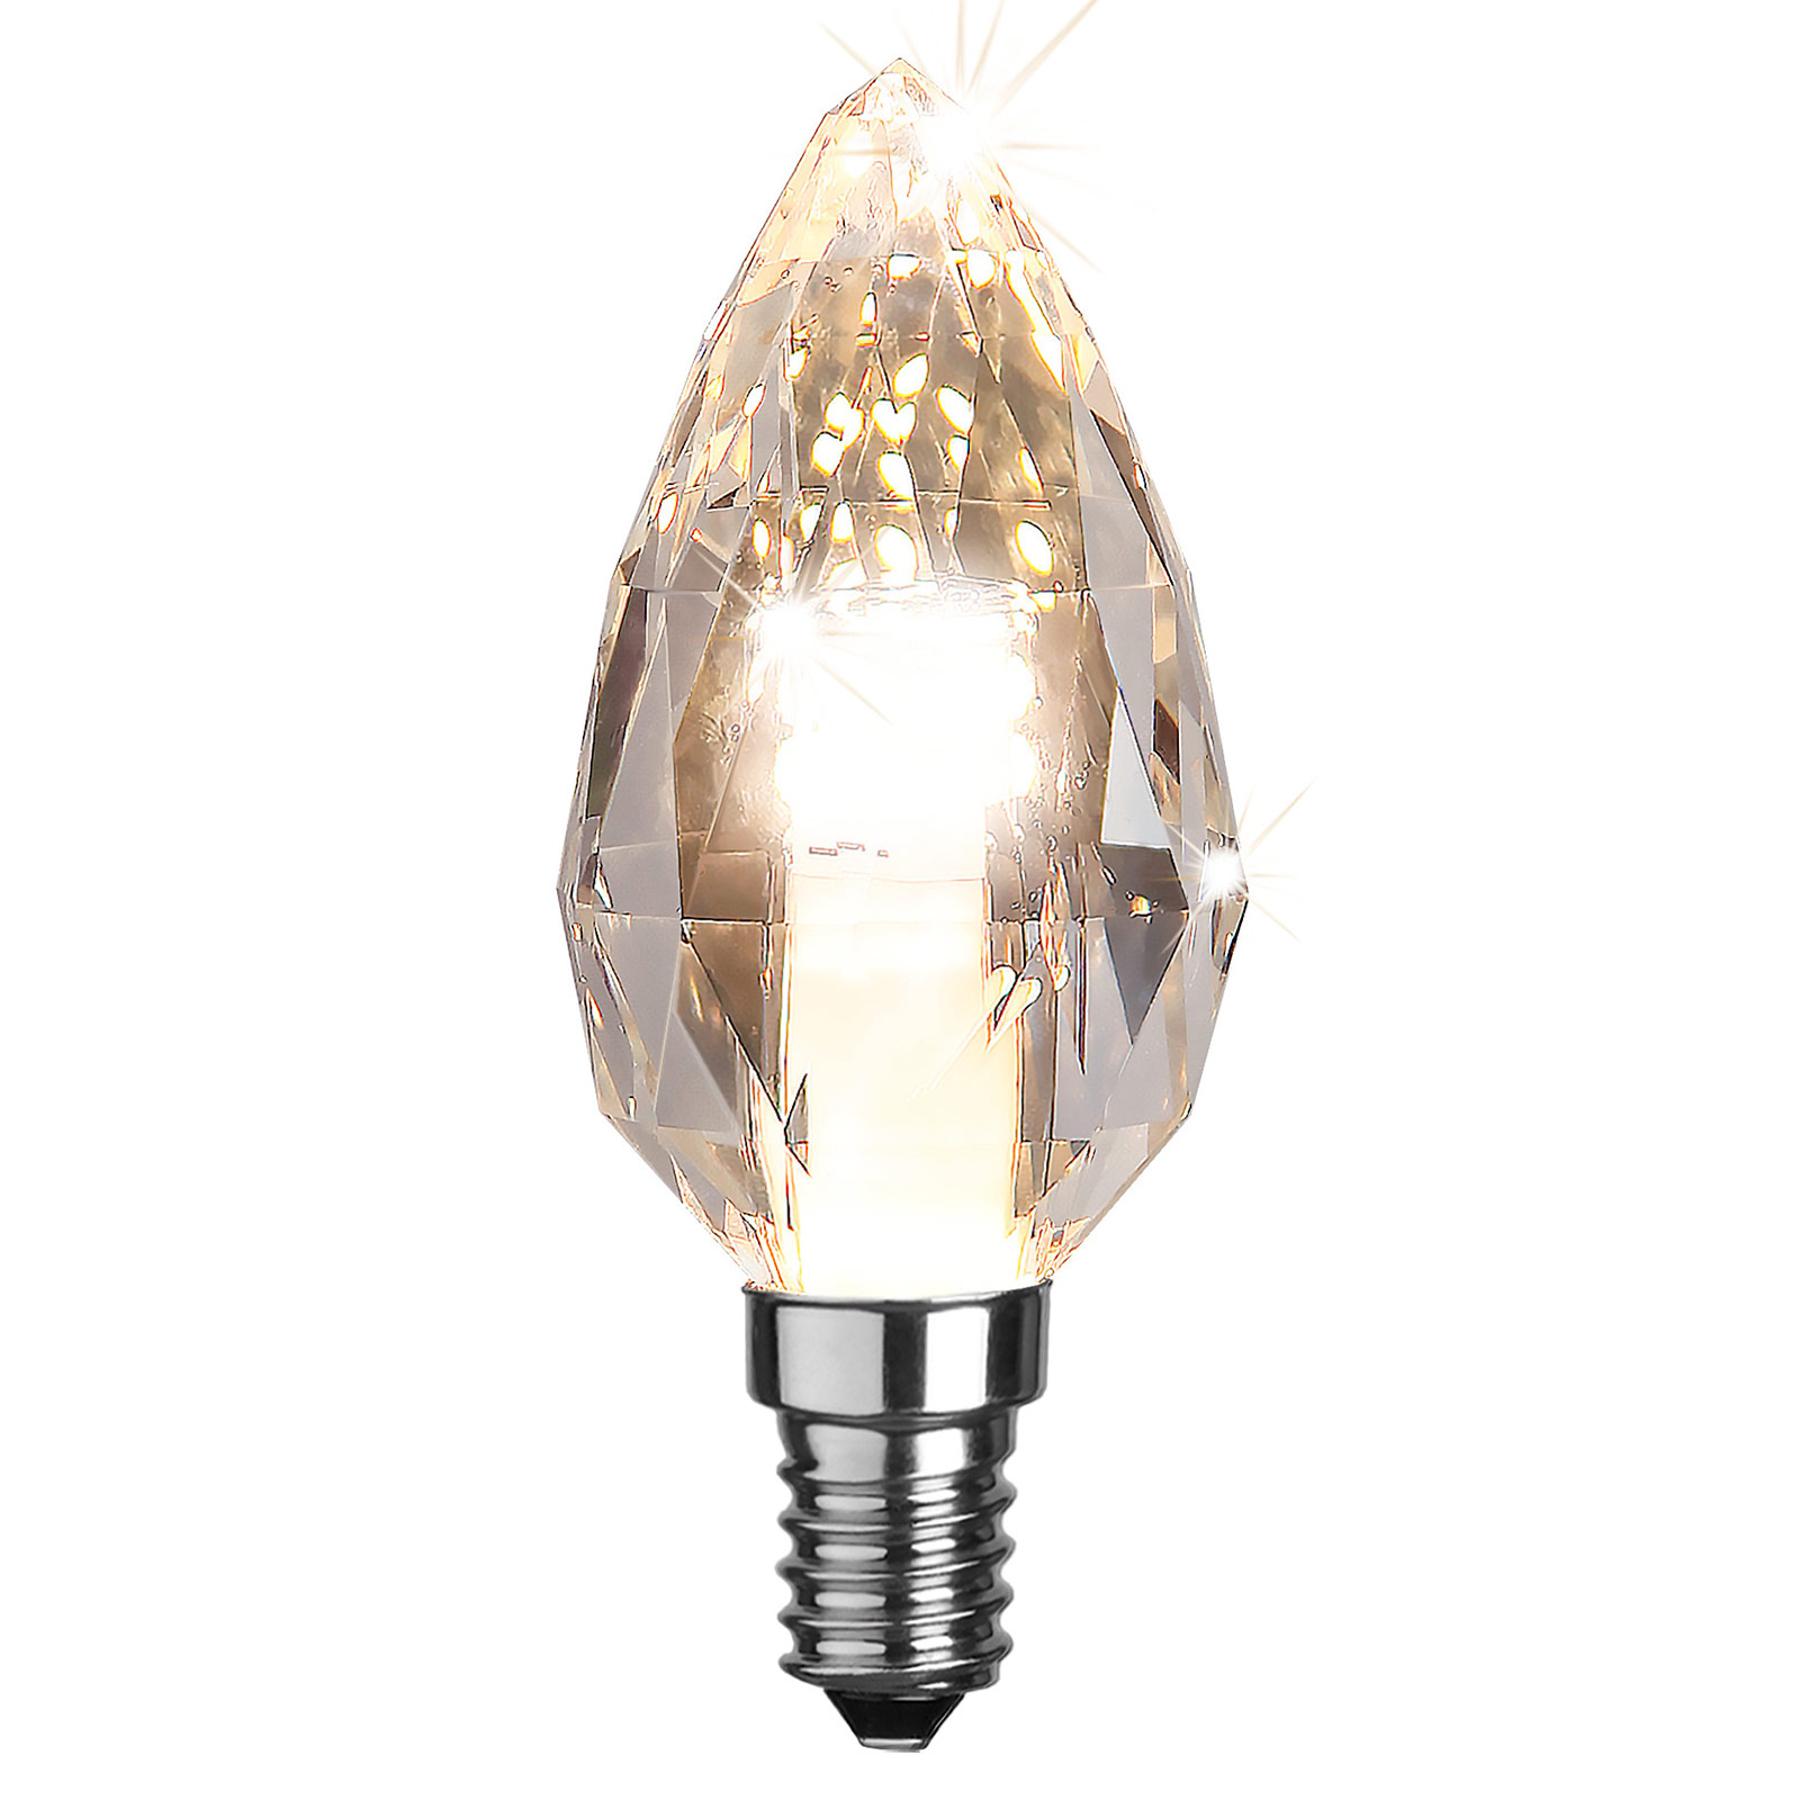 LED-Kerzenlampe E14 4W Diamantschliff, dimmbar